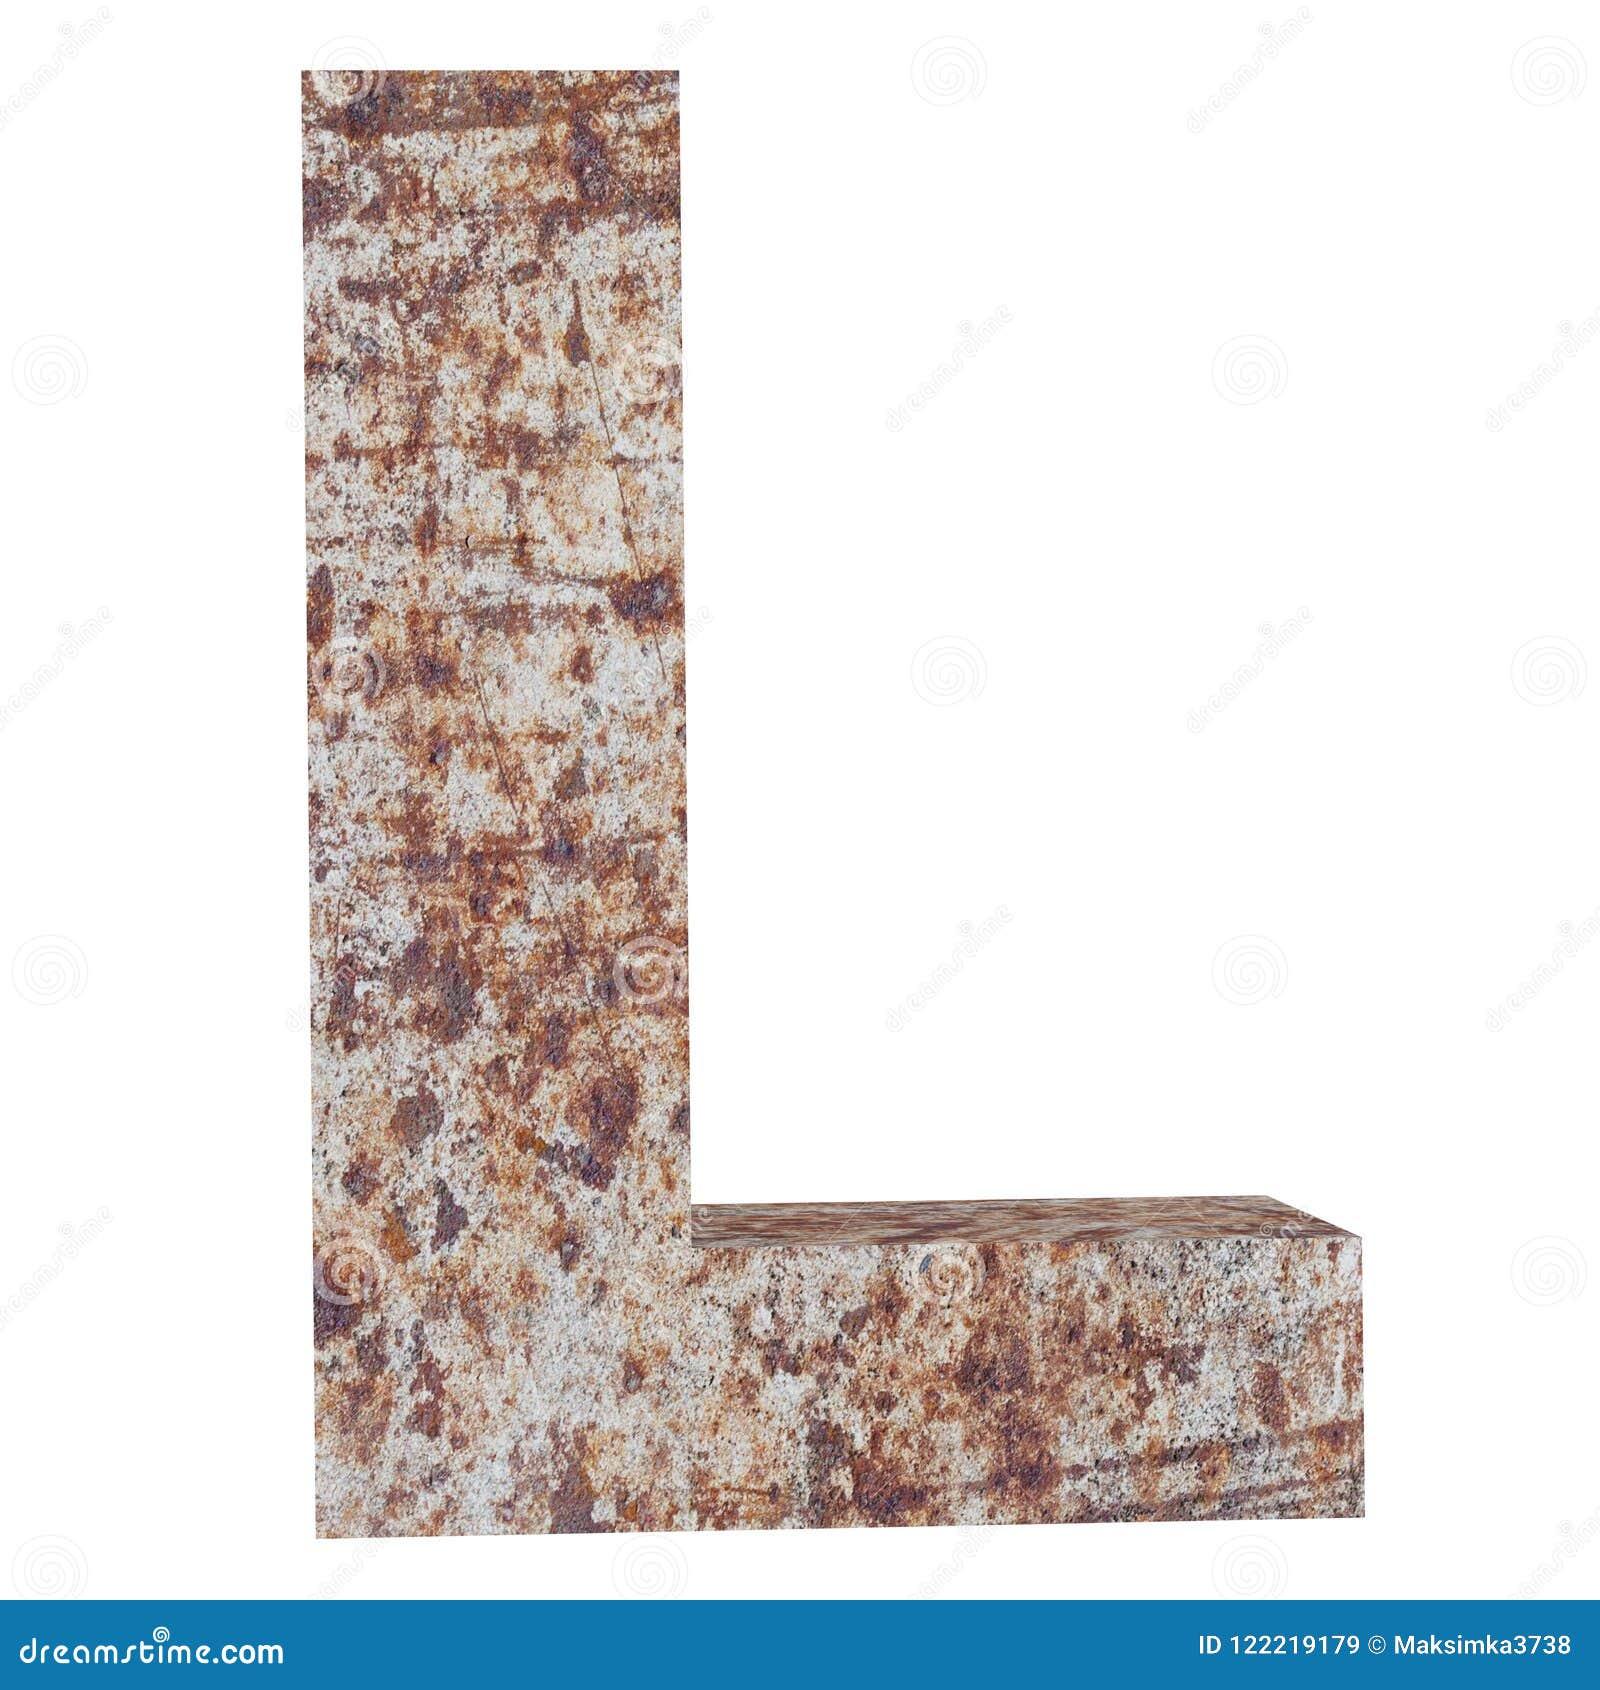 Konceptualny stary rdzewiejący meta kapitałowy list - L, żelaza lub stalowego przemysłu kawałek, odizolowywał białego tło